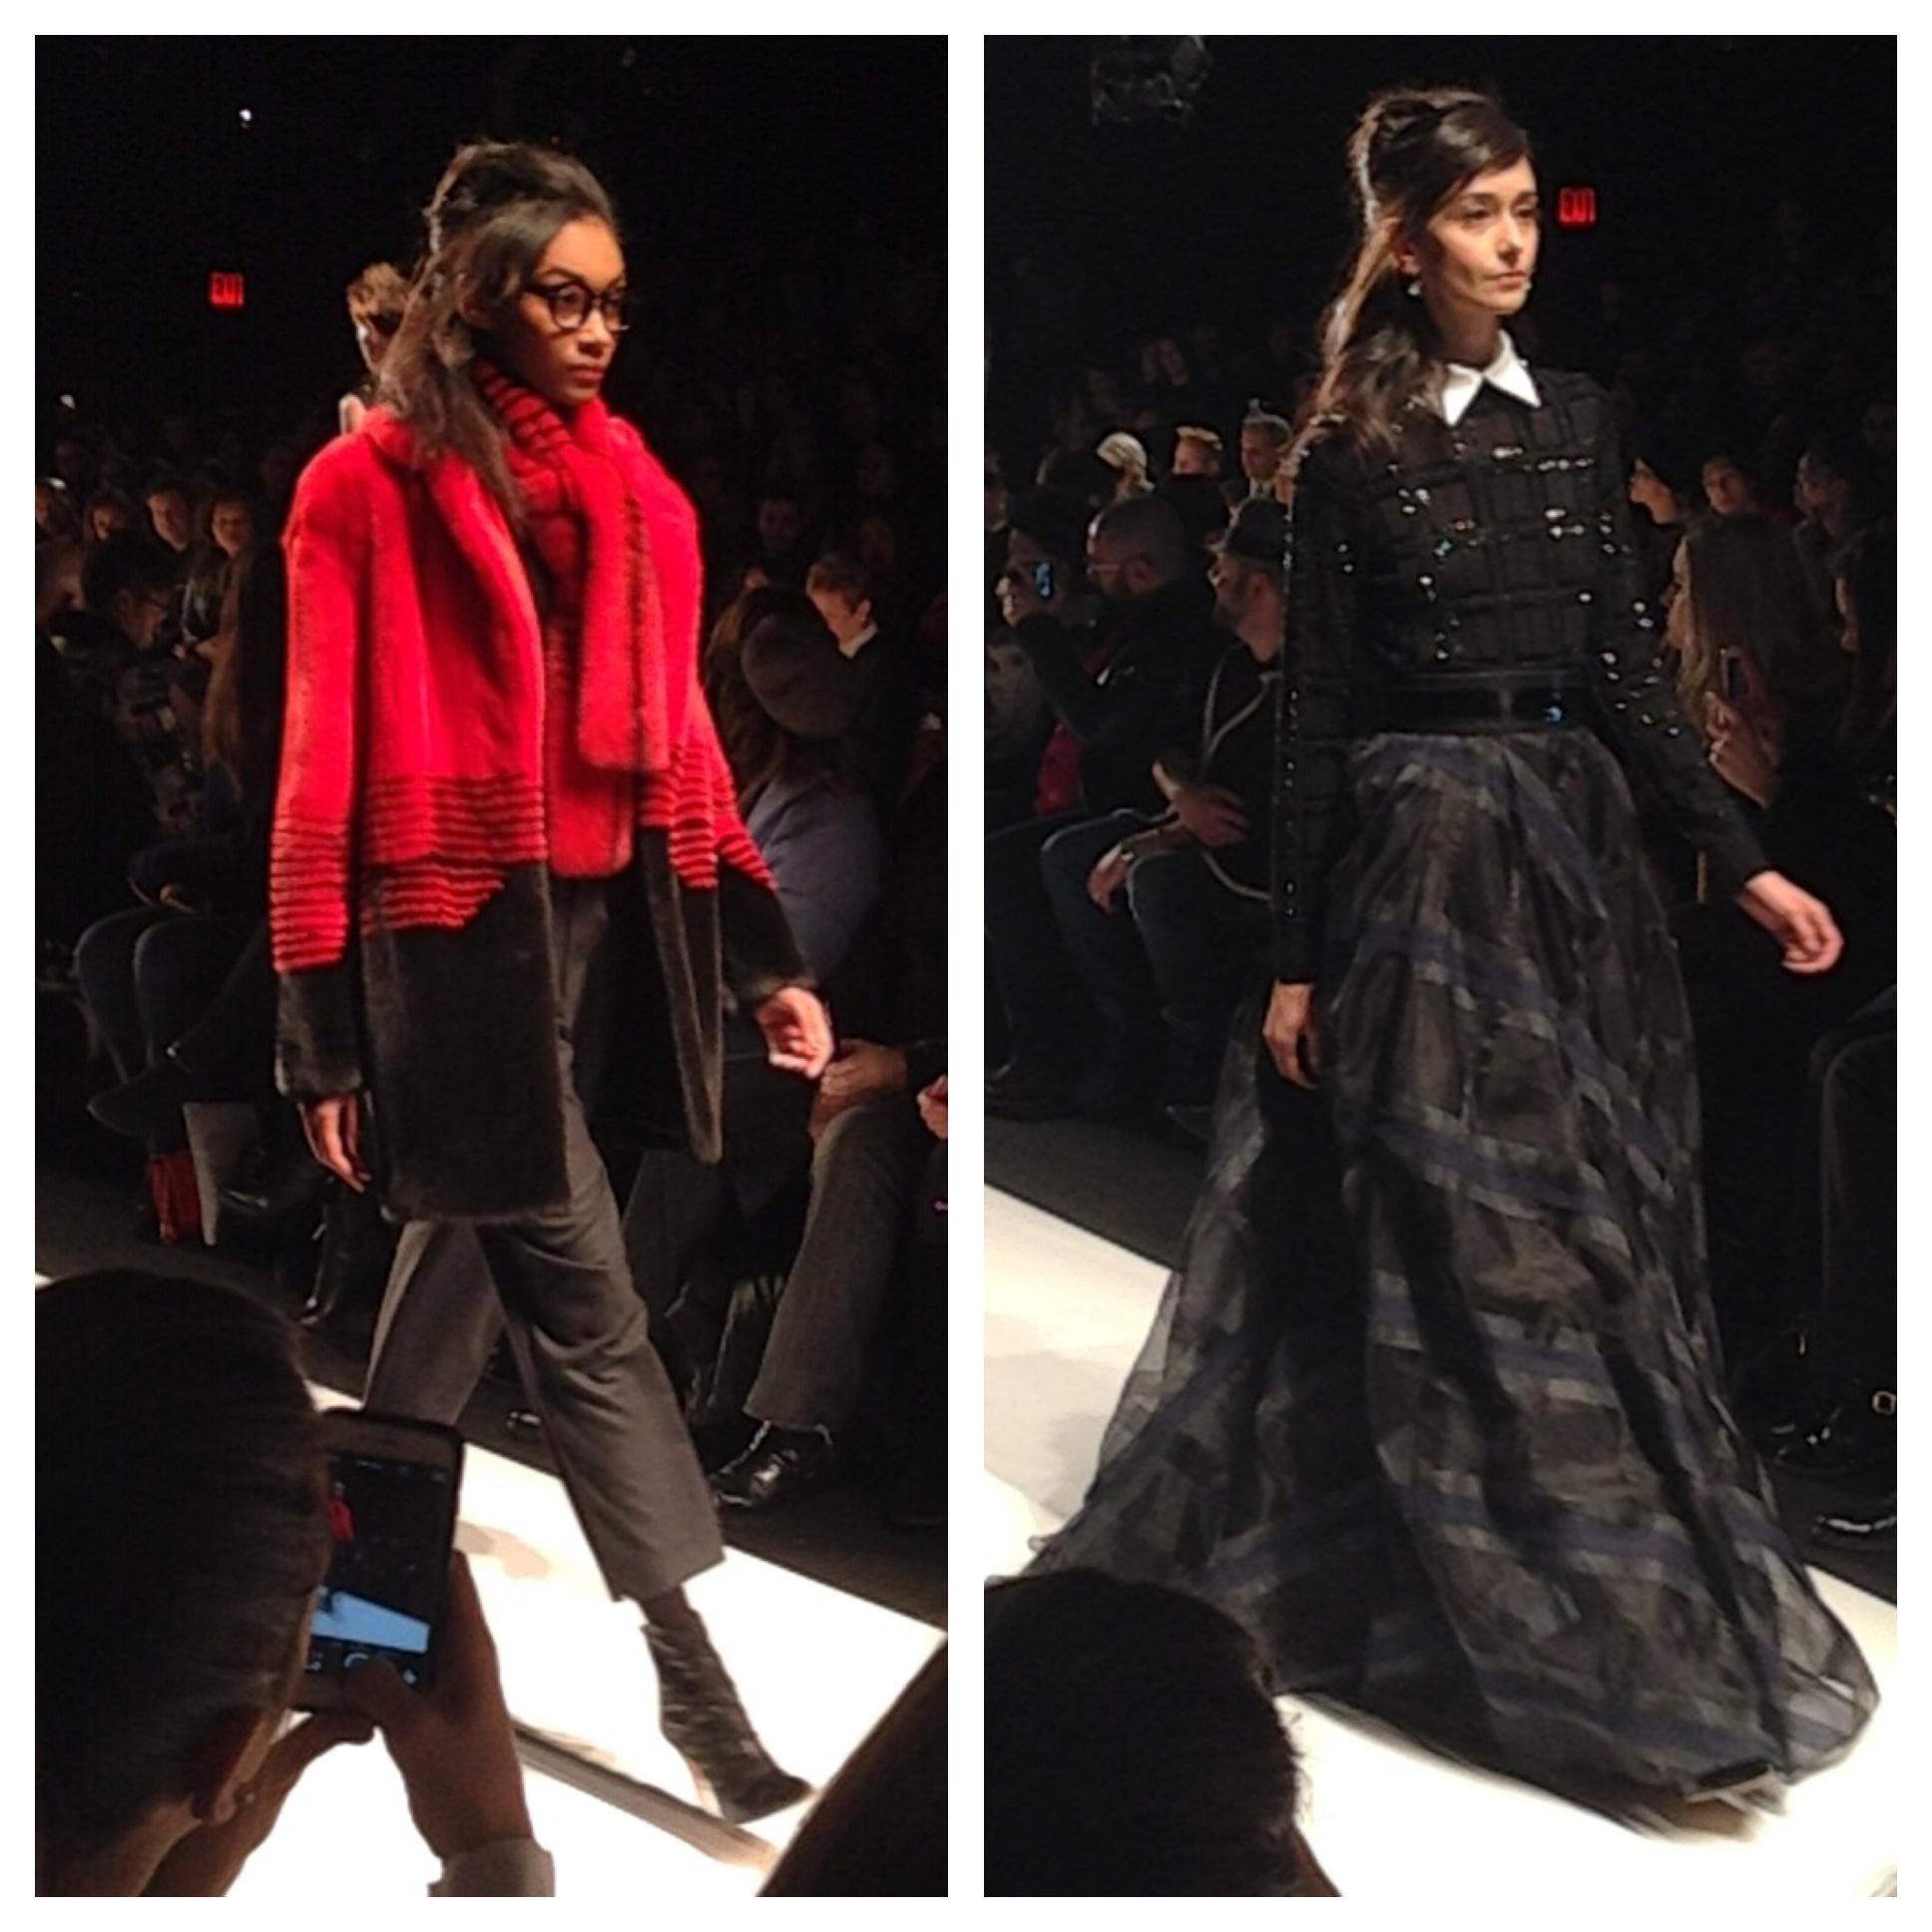 Fall 2015 New York Fashion Week Runways